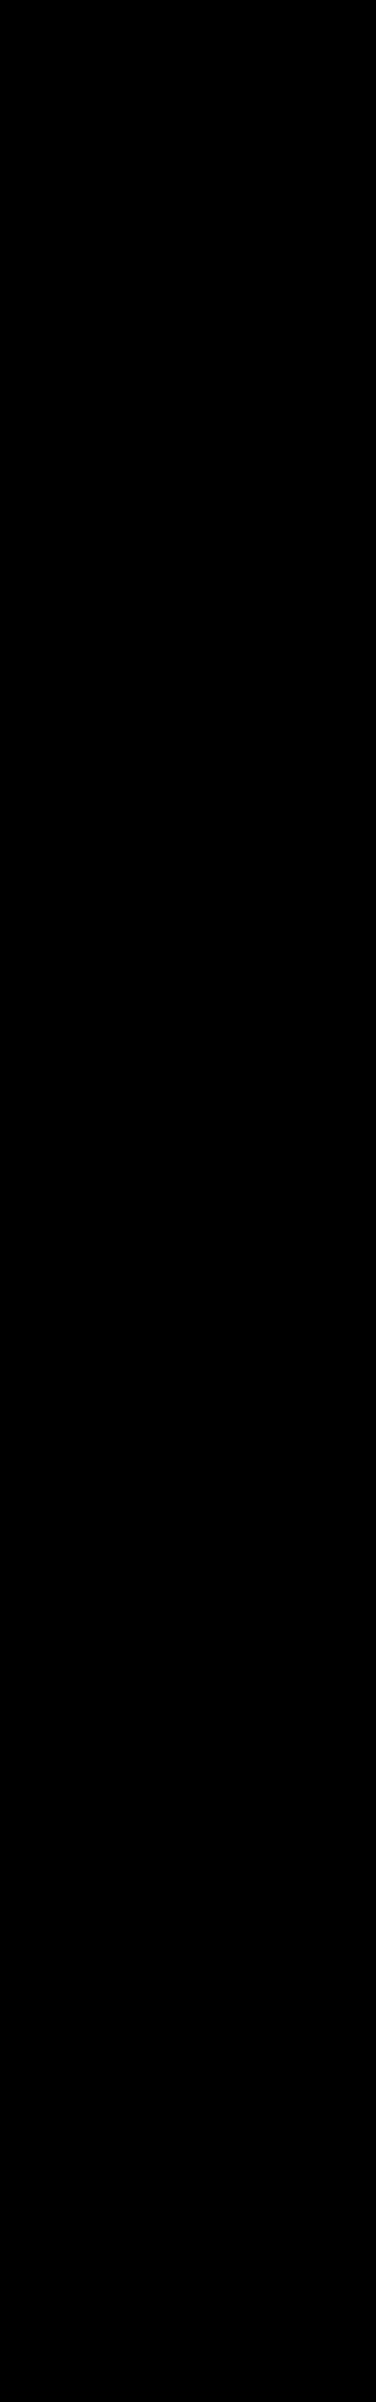 คอร์ด คอร์ดกีตาร์ ง่าย เพลง ไผ่สีกอ